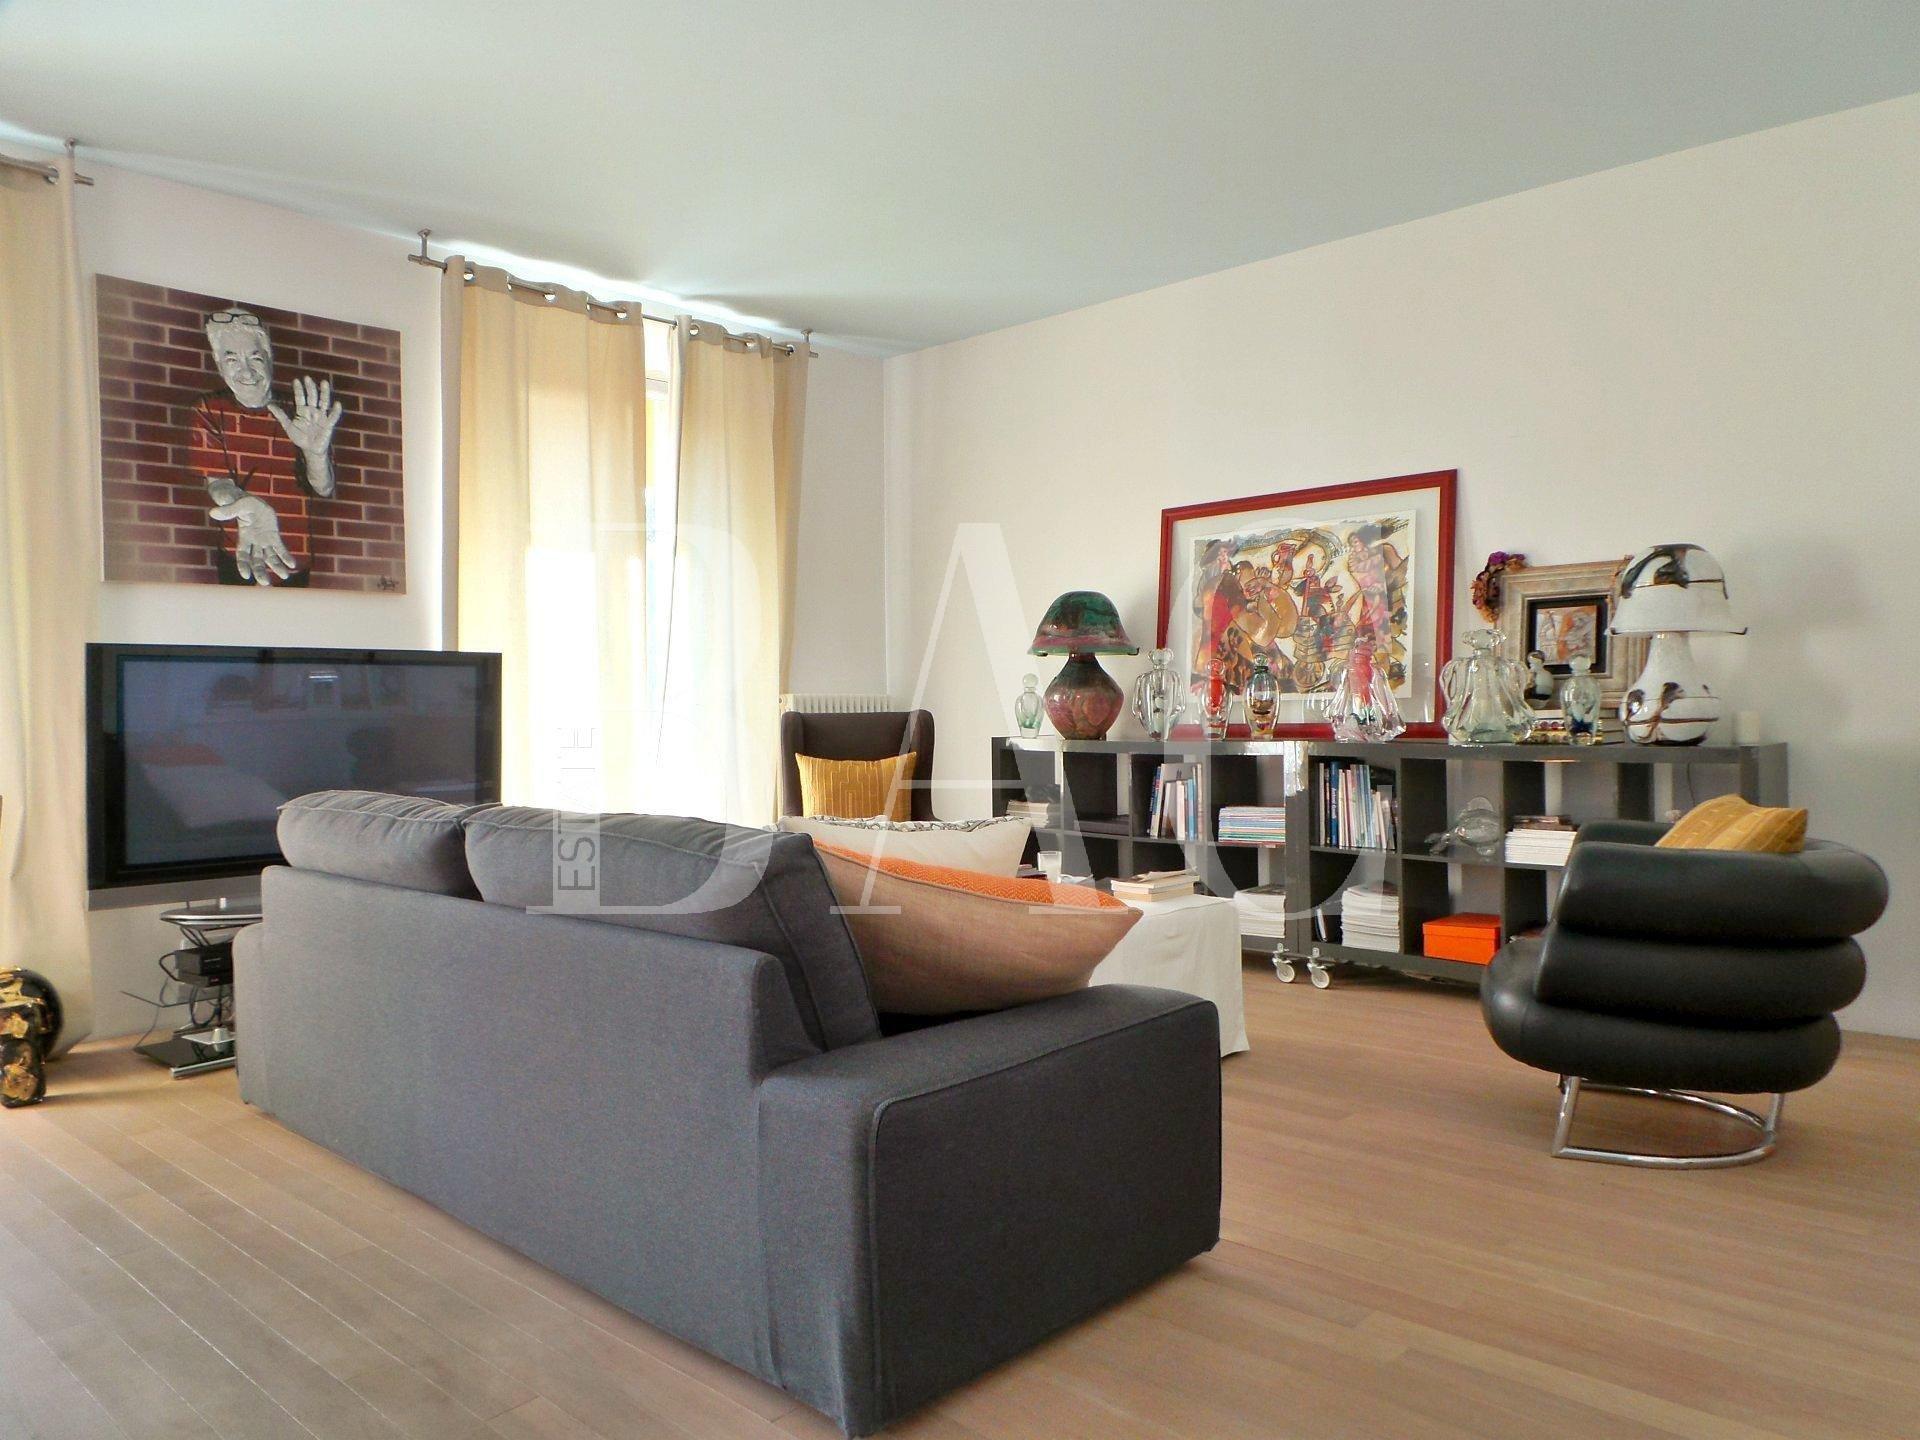 戛纳电影节,公寓低于其真实价值。